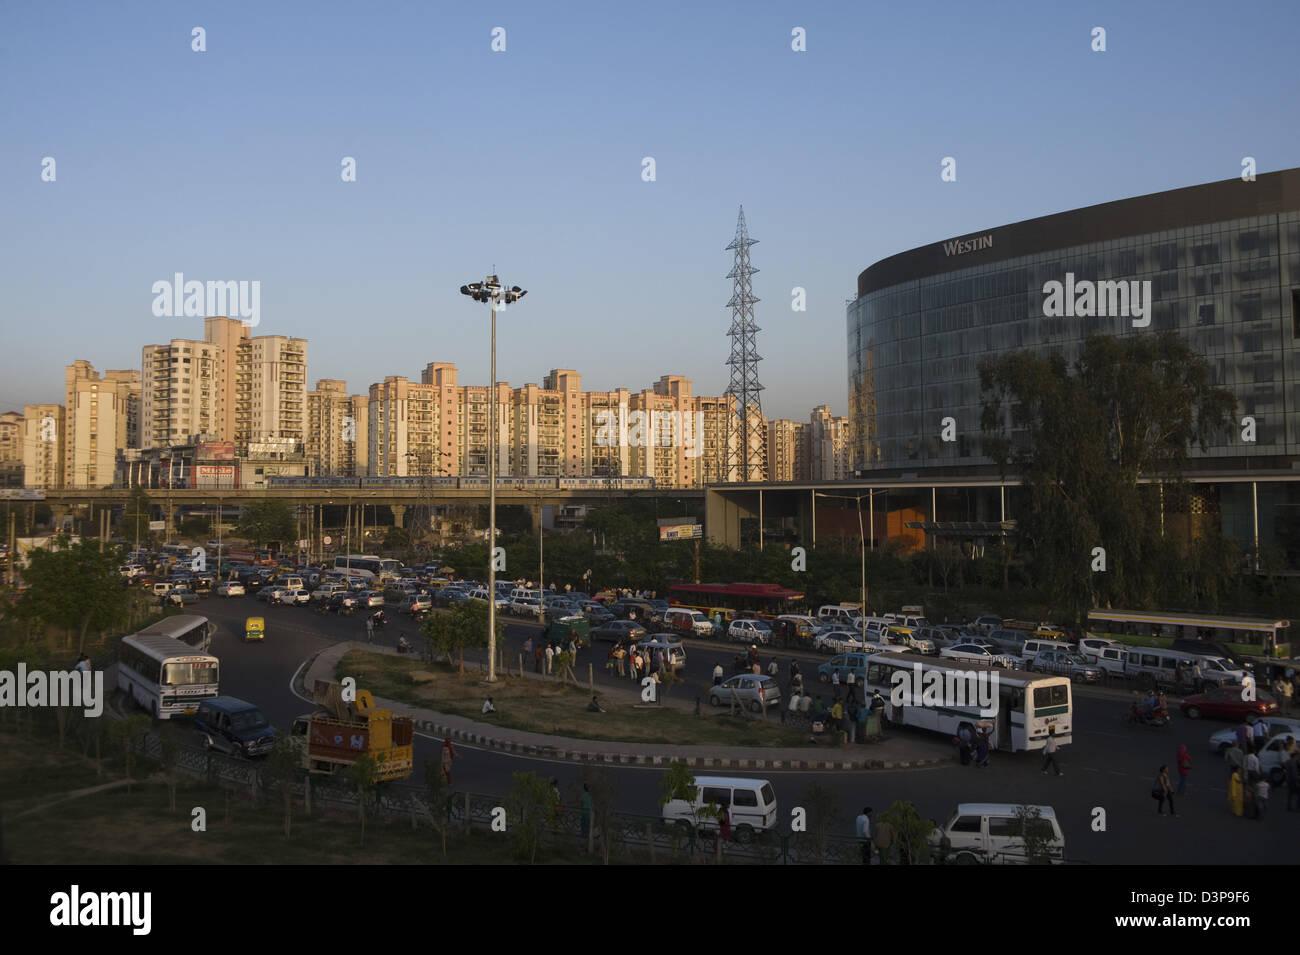 Il traffico su strada con multistoried appartamenti residenziali in background, IFFCO Chowk, Gurgaon, Haryana Immagini Stock